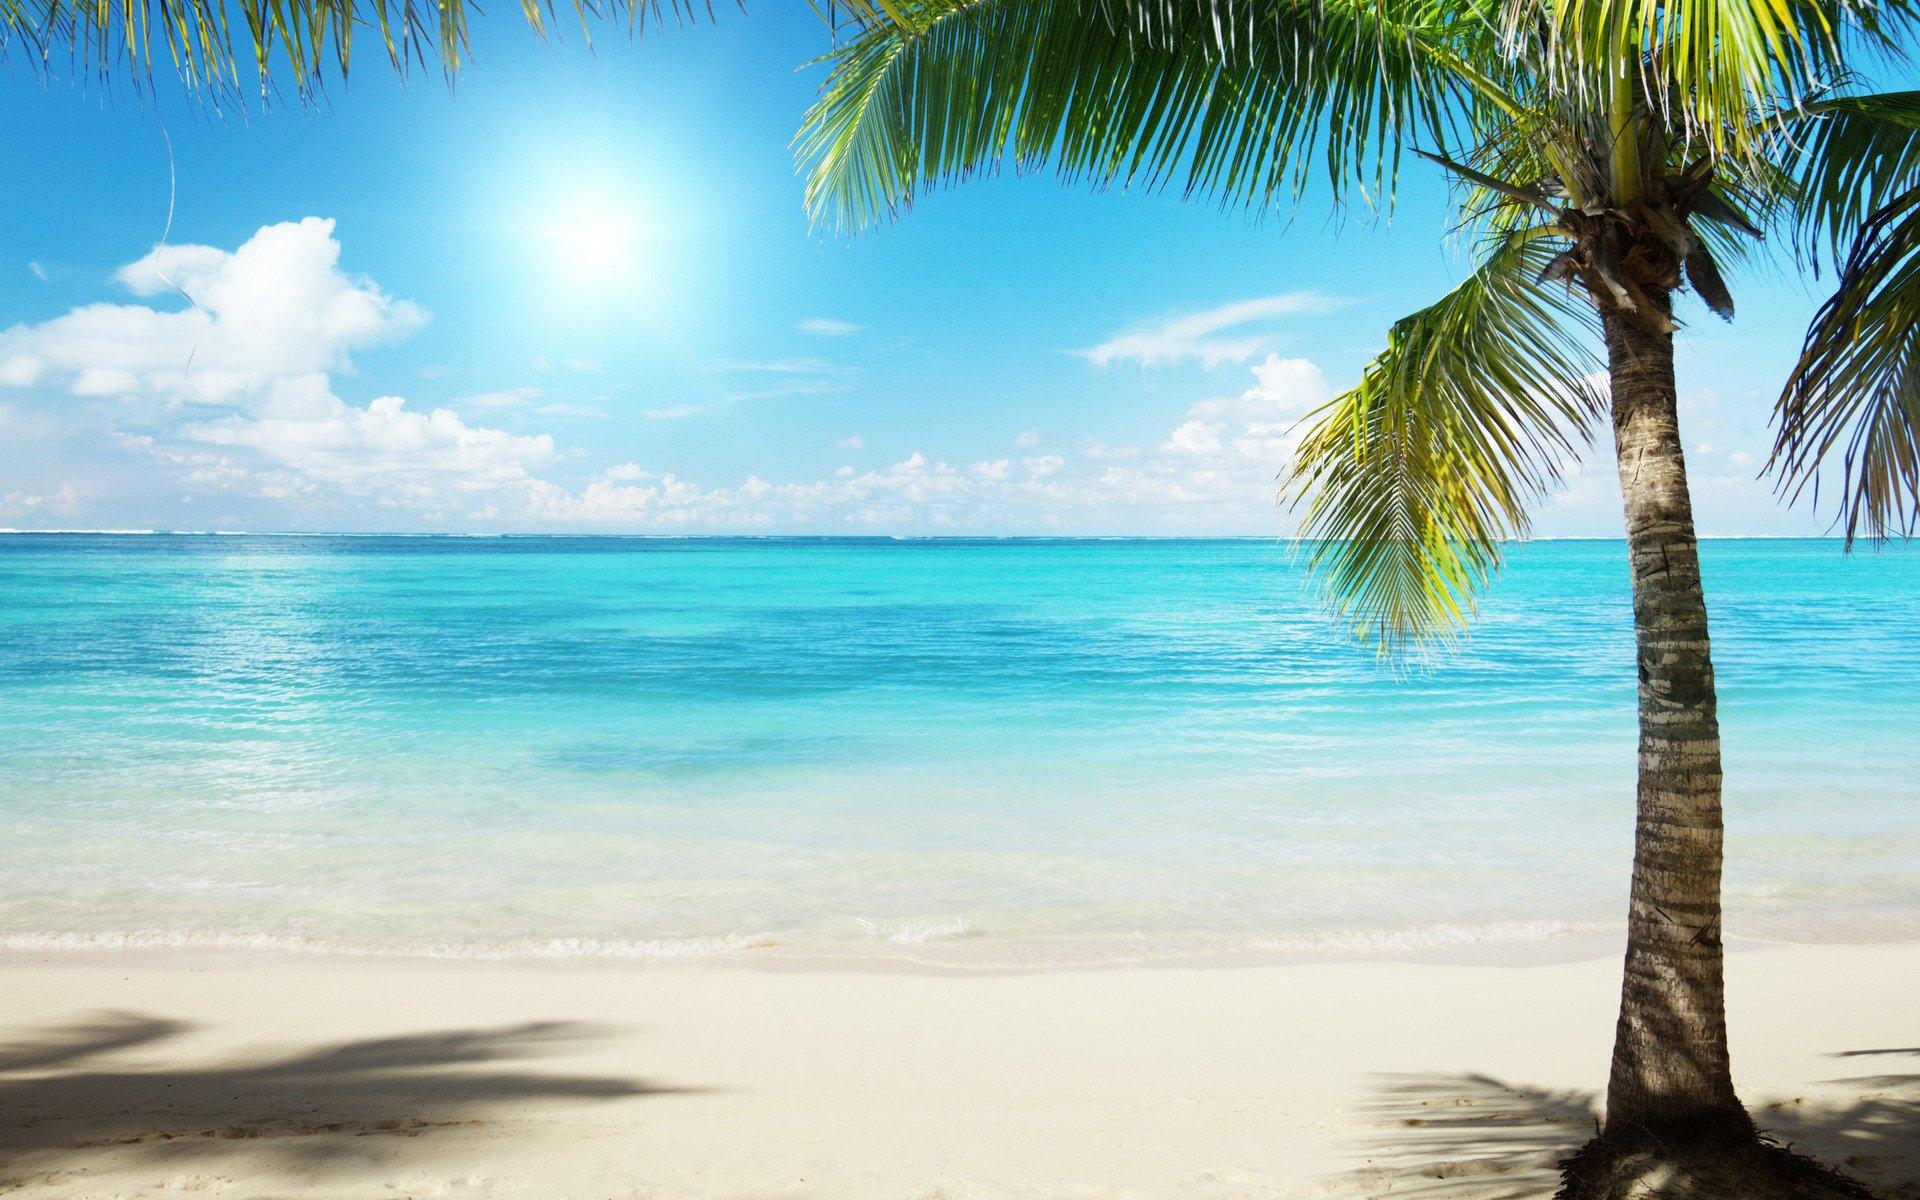 Картинка прикольная, картинки с видом пляжа